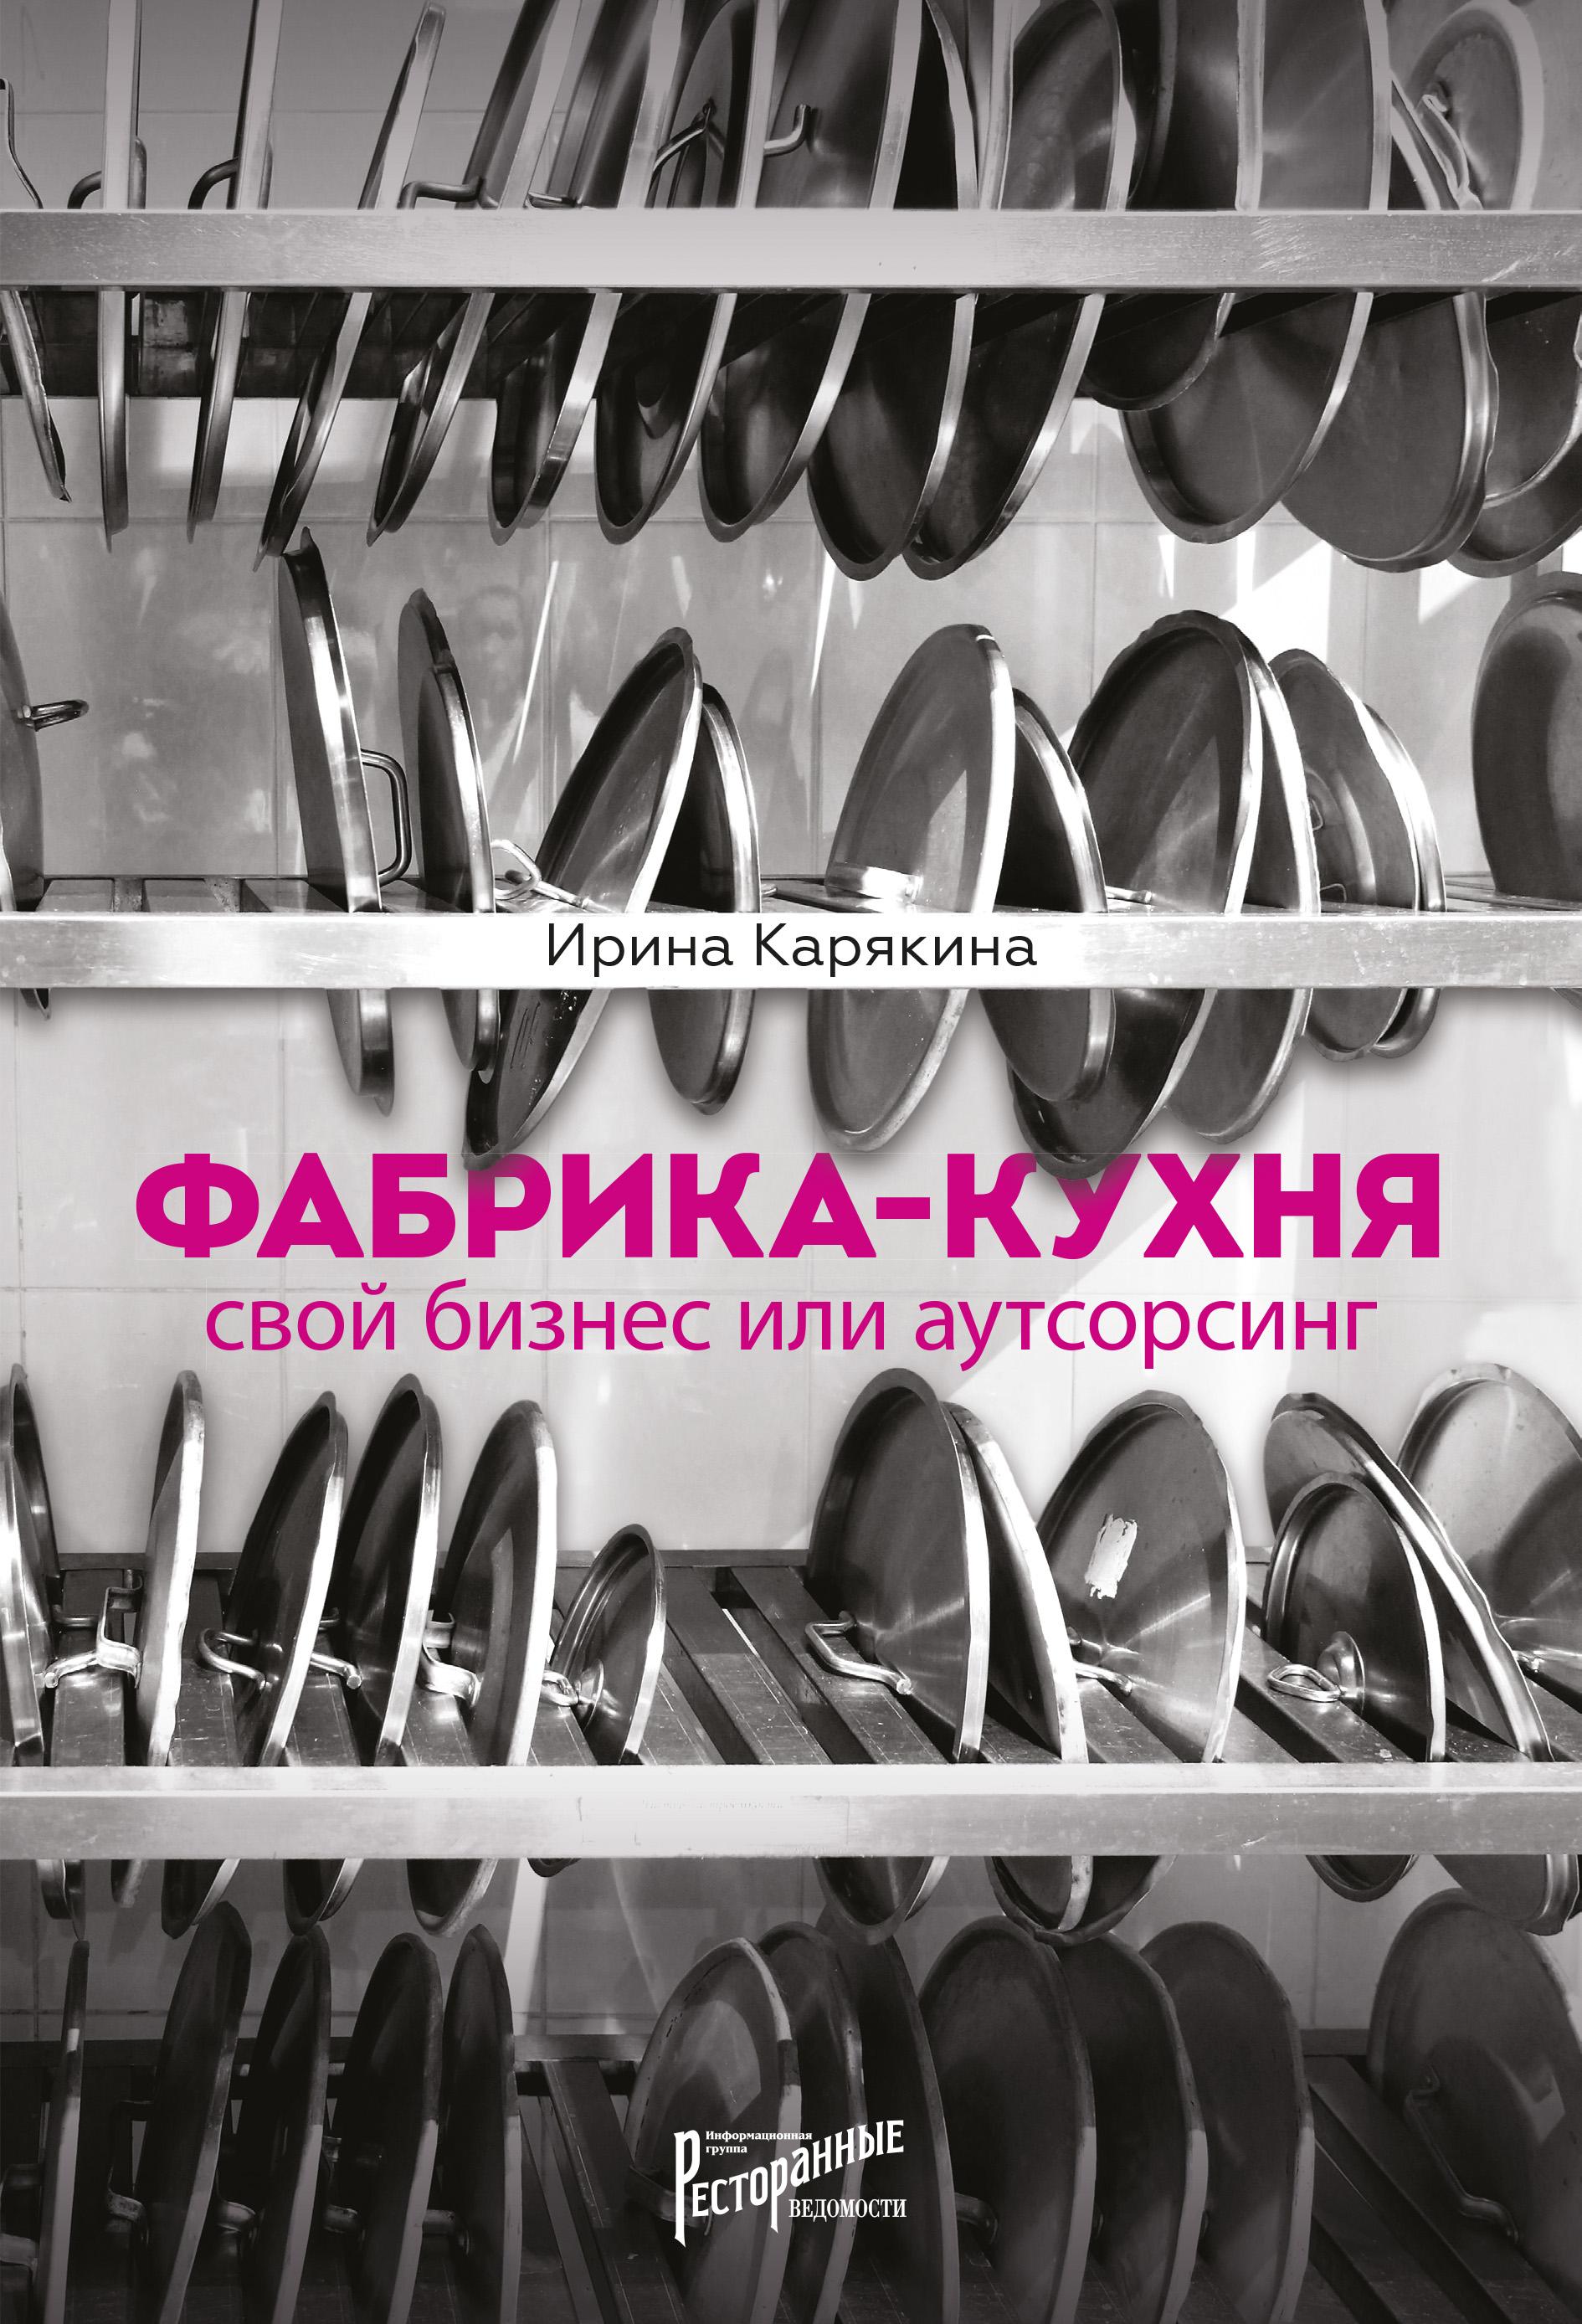 Фабрика-кухня: свой бизнес или аутсорсинг